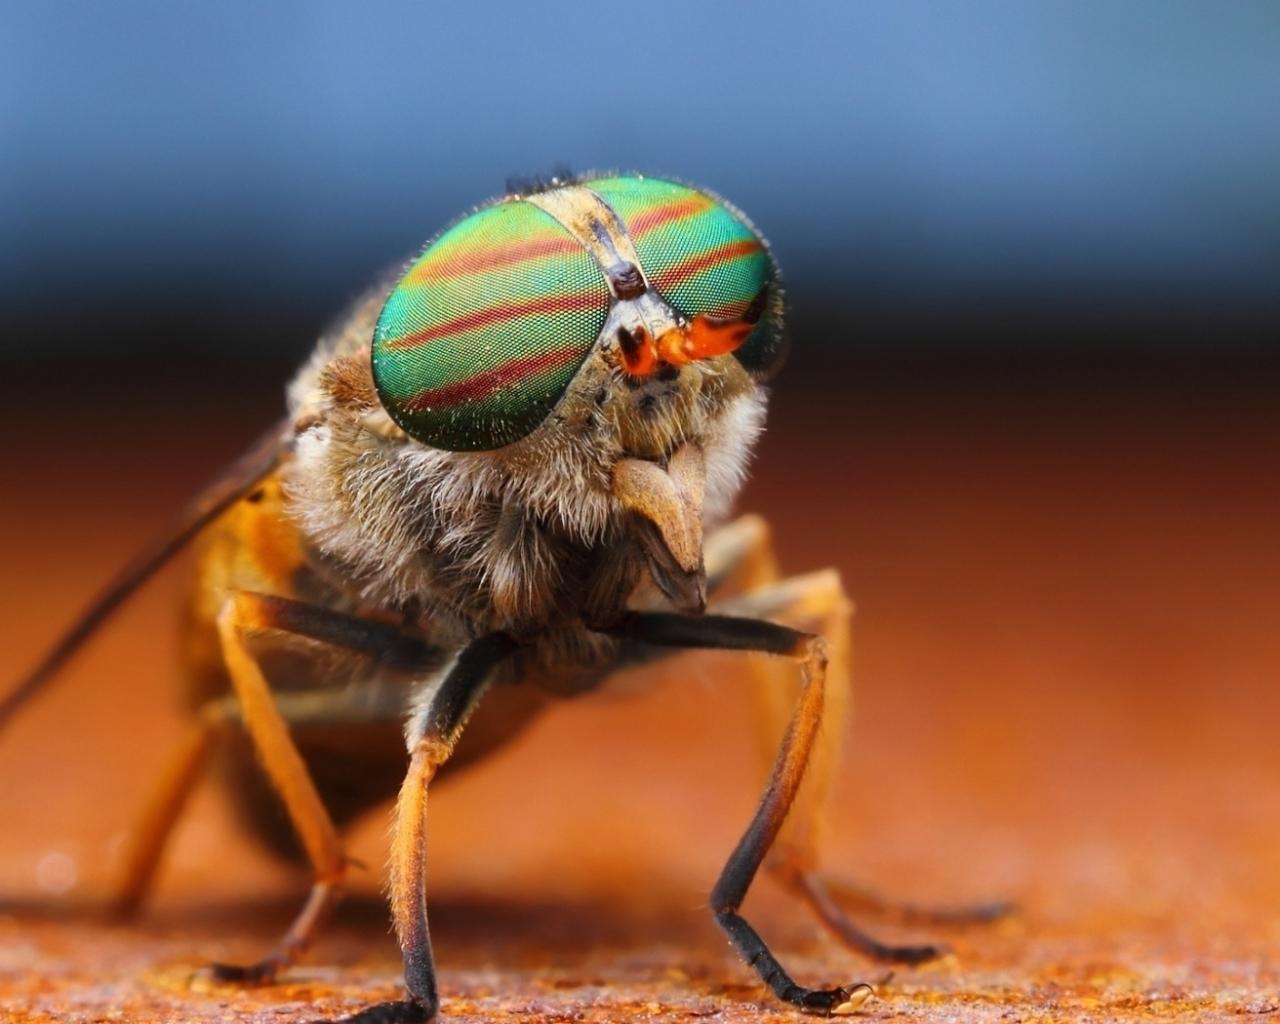 Un insecto - 1280x1024